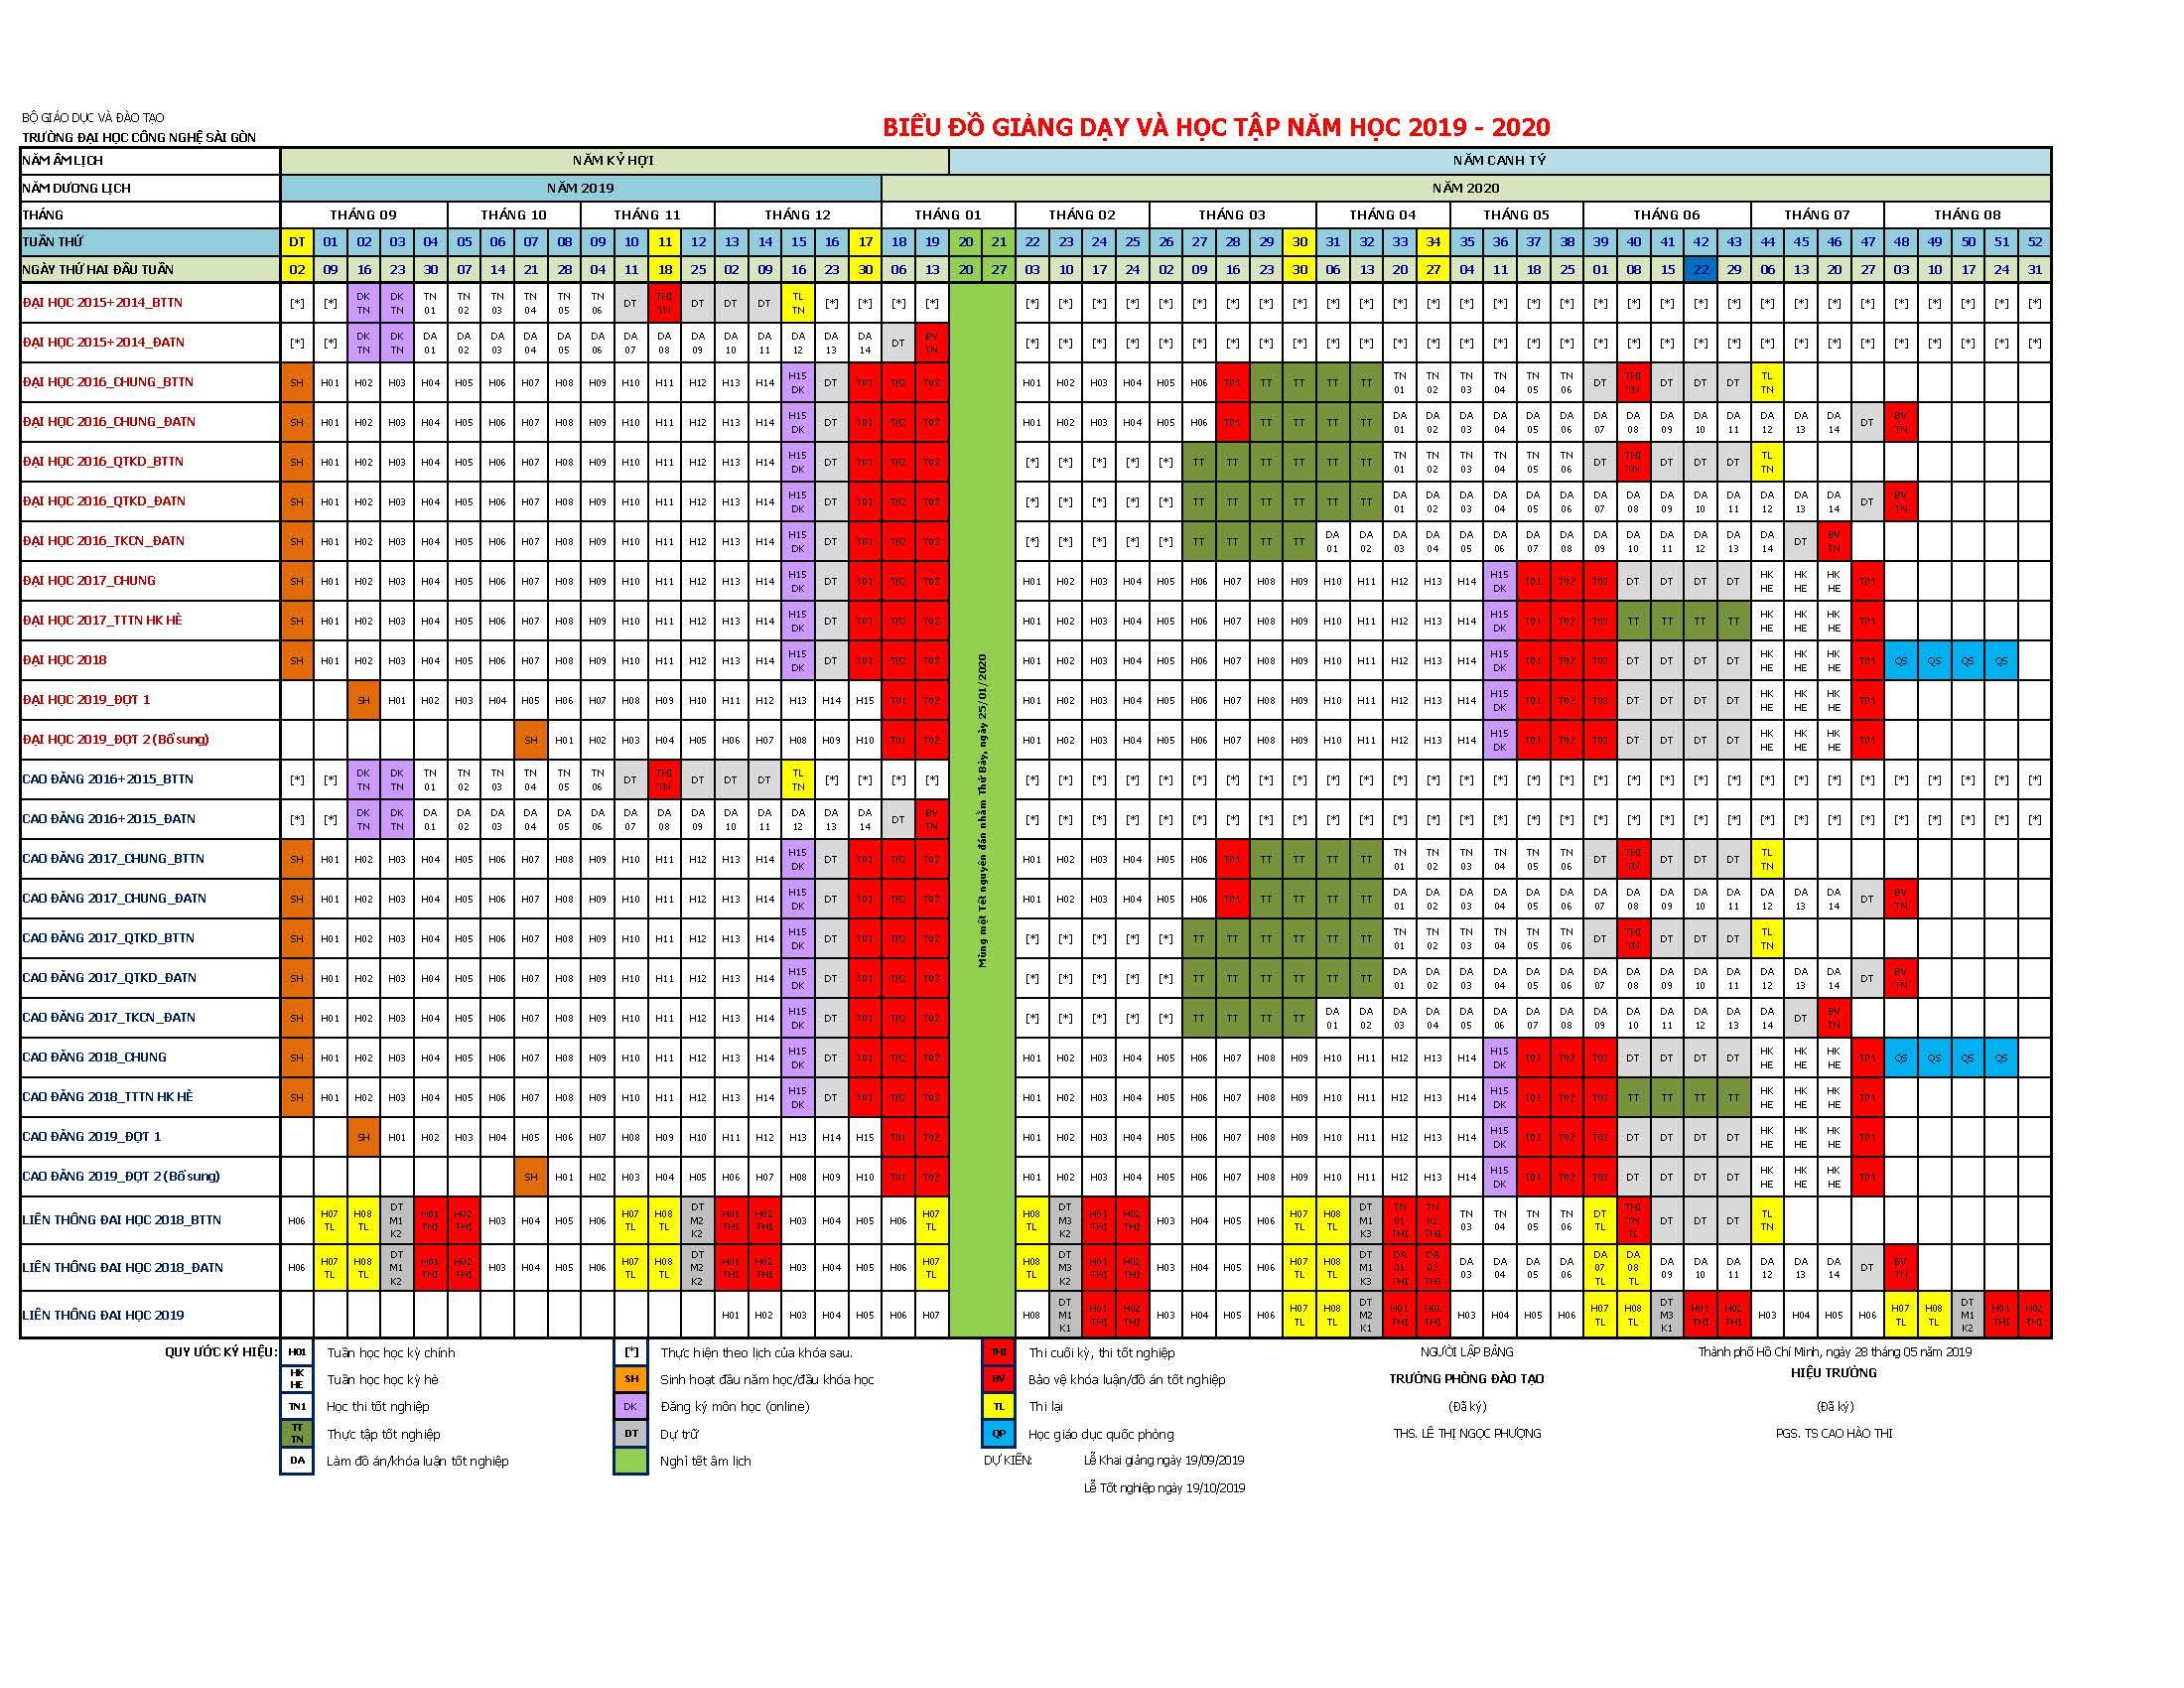 Biểu đồ giảng dạy & học tập năm học 2019 - 2020